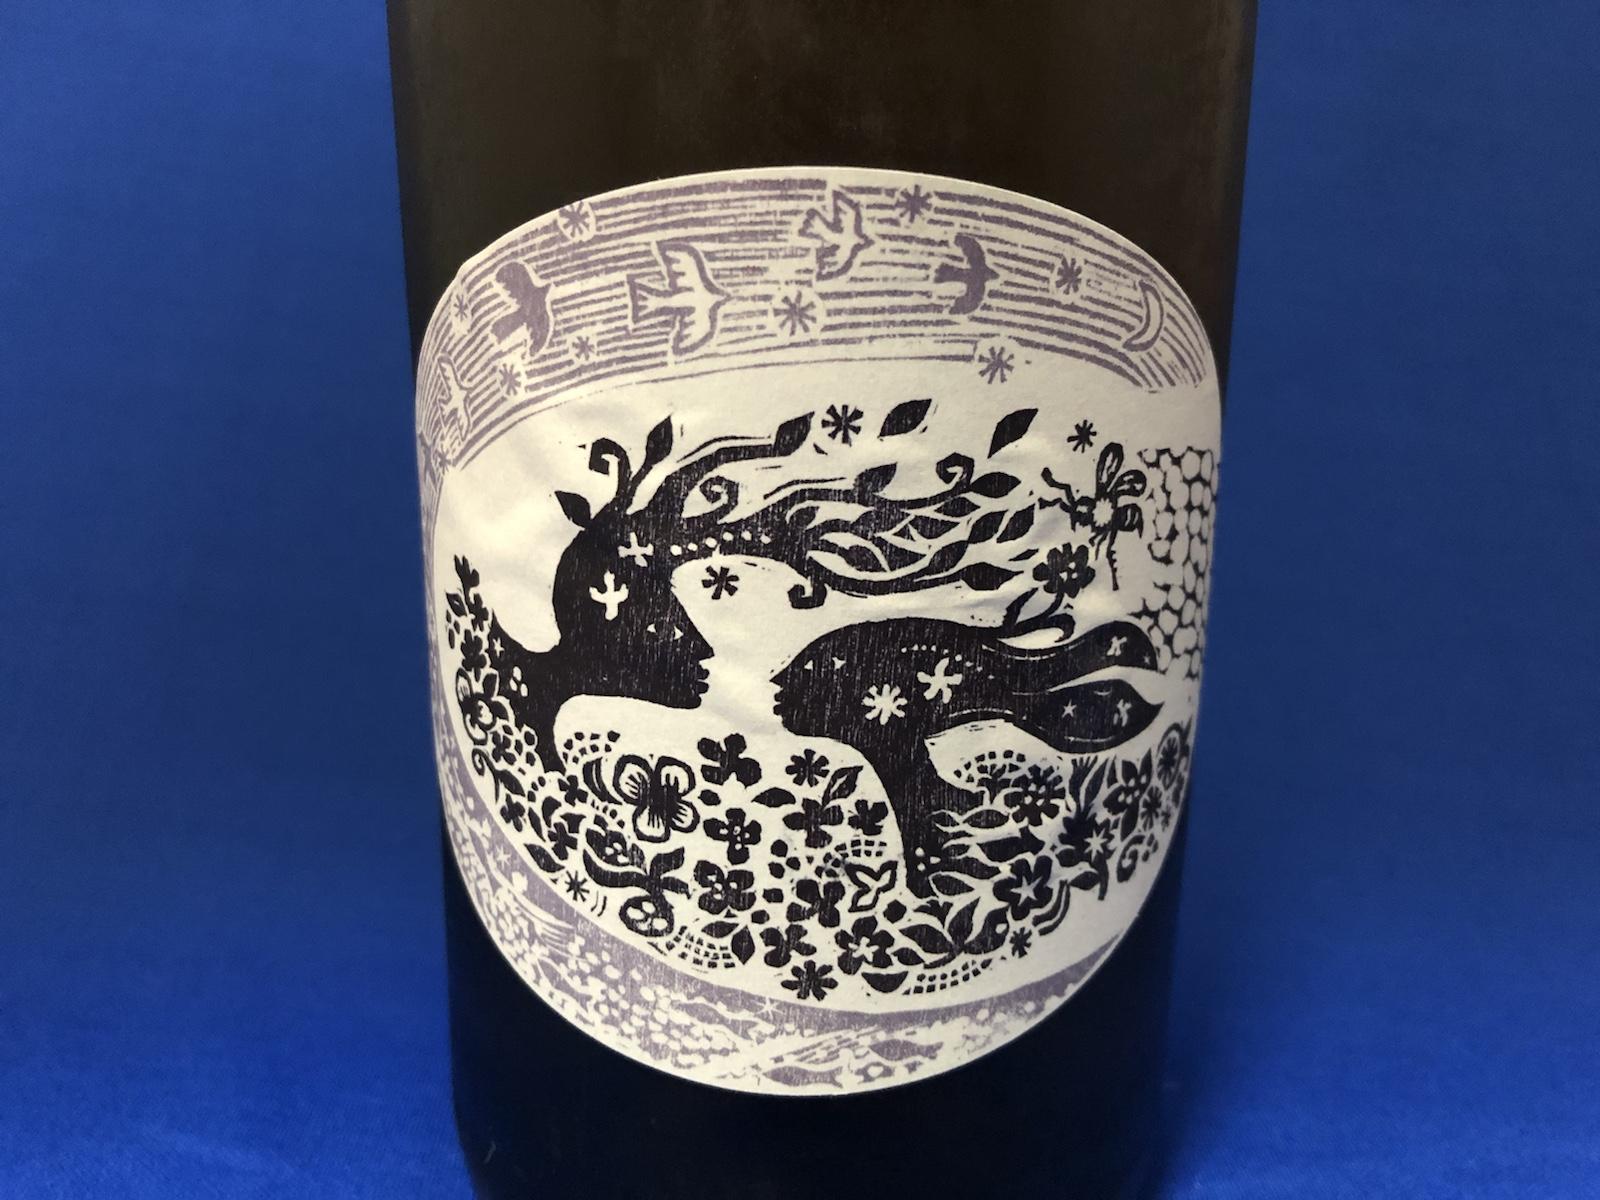 自由にワインを楽しもう!「K18bAK_DD」山梨県共栄堂